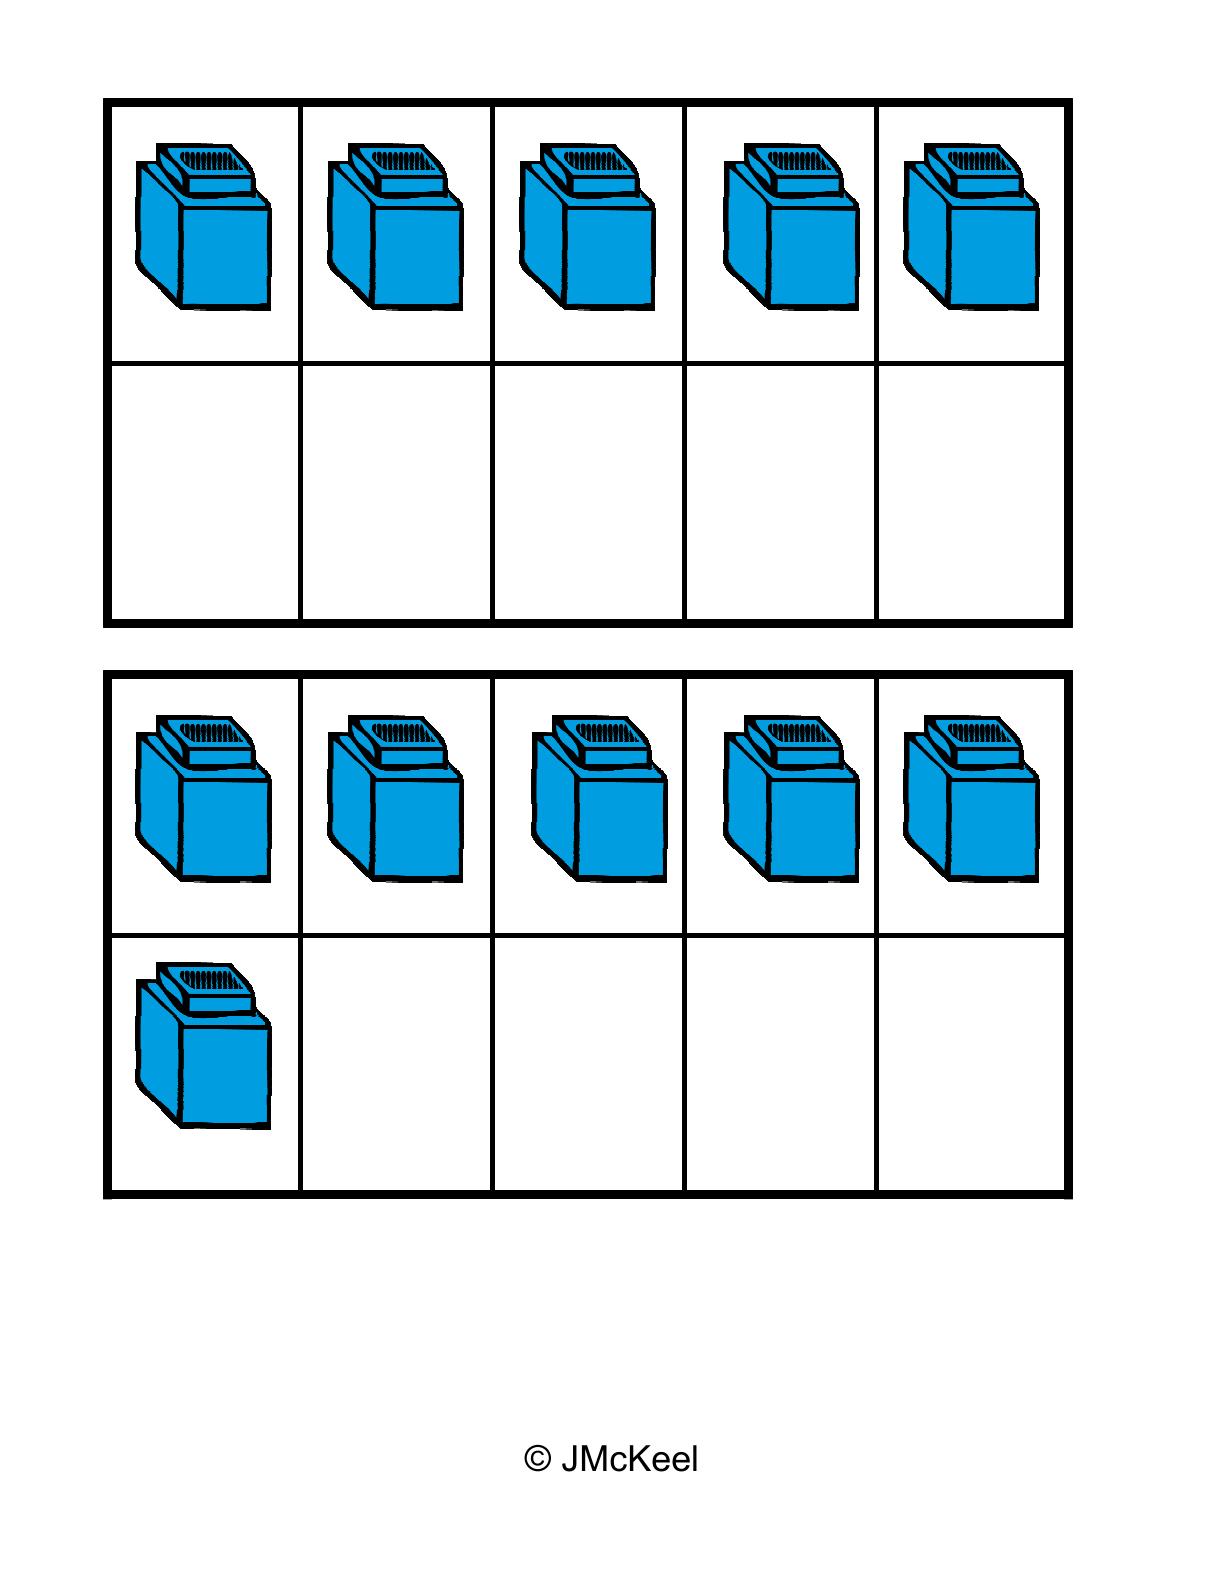 Unifix Cubes Clipart